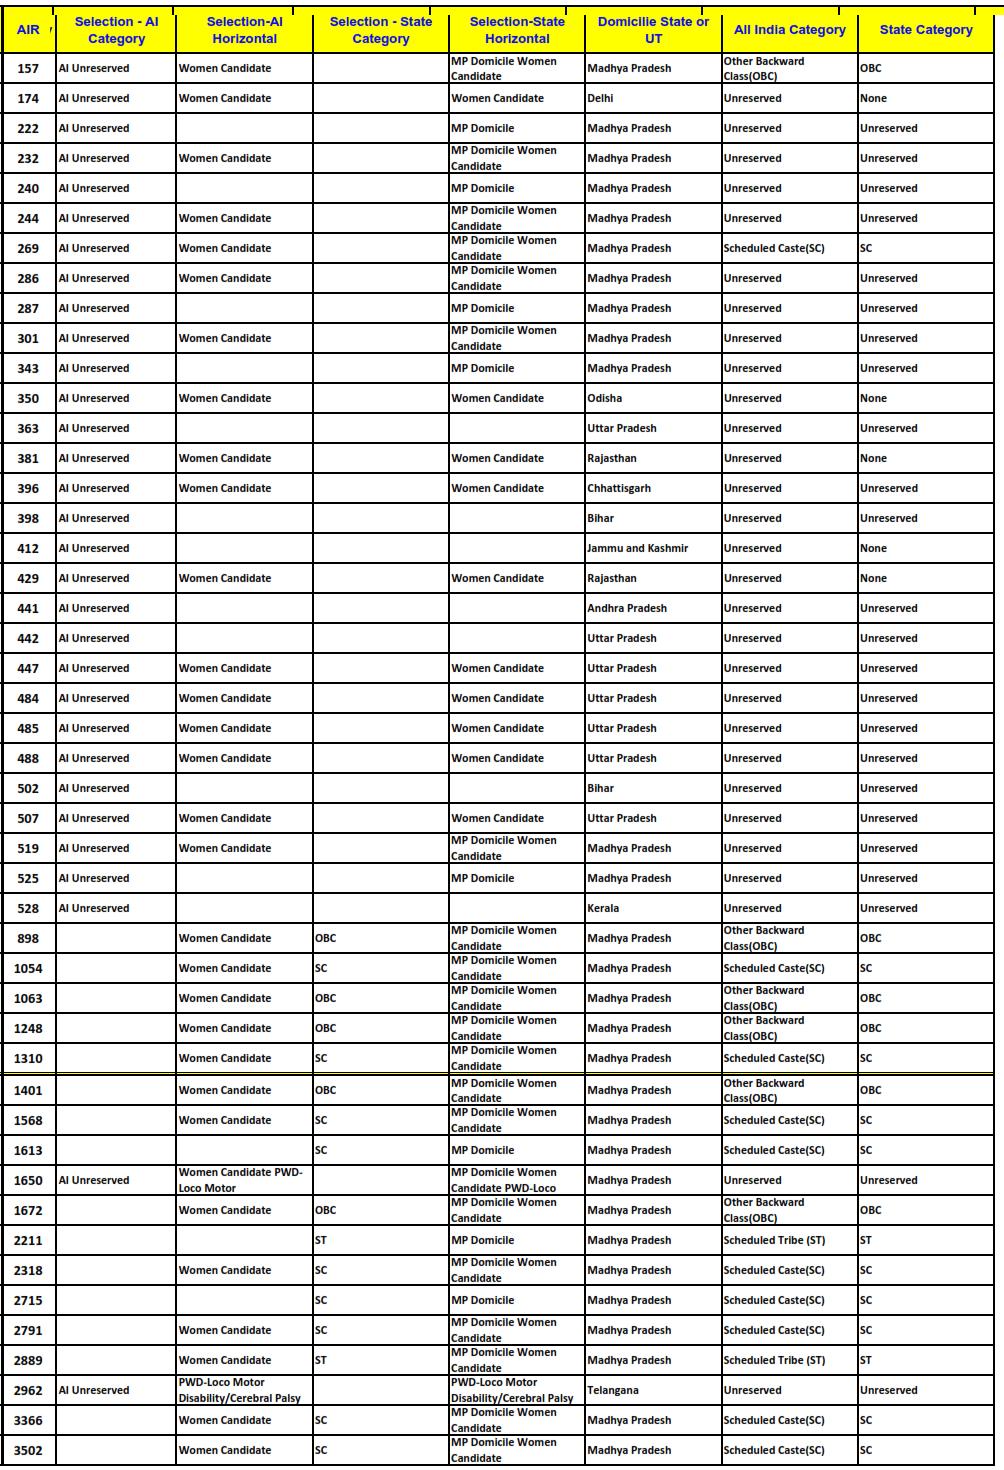 CLAT 2015 NLIU Bhopal Cut Offs